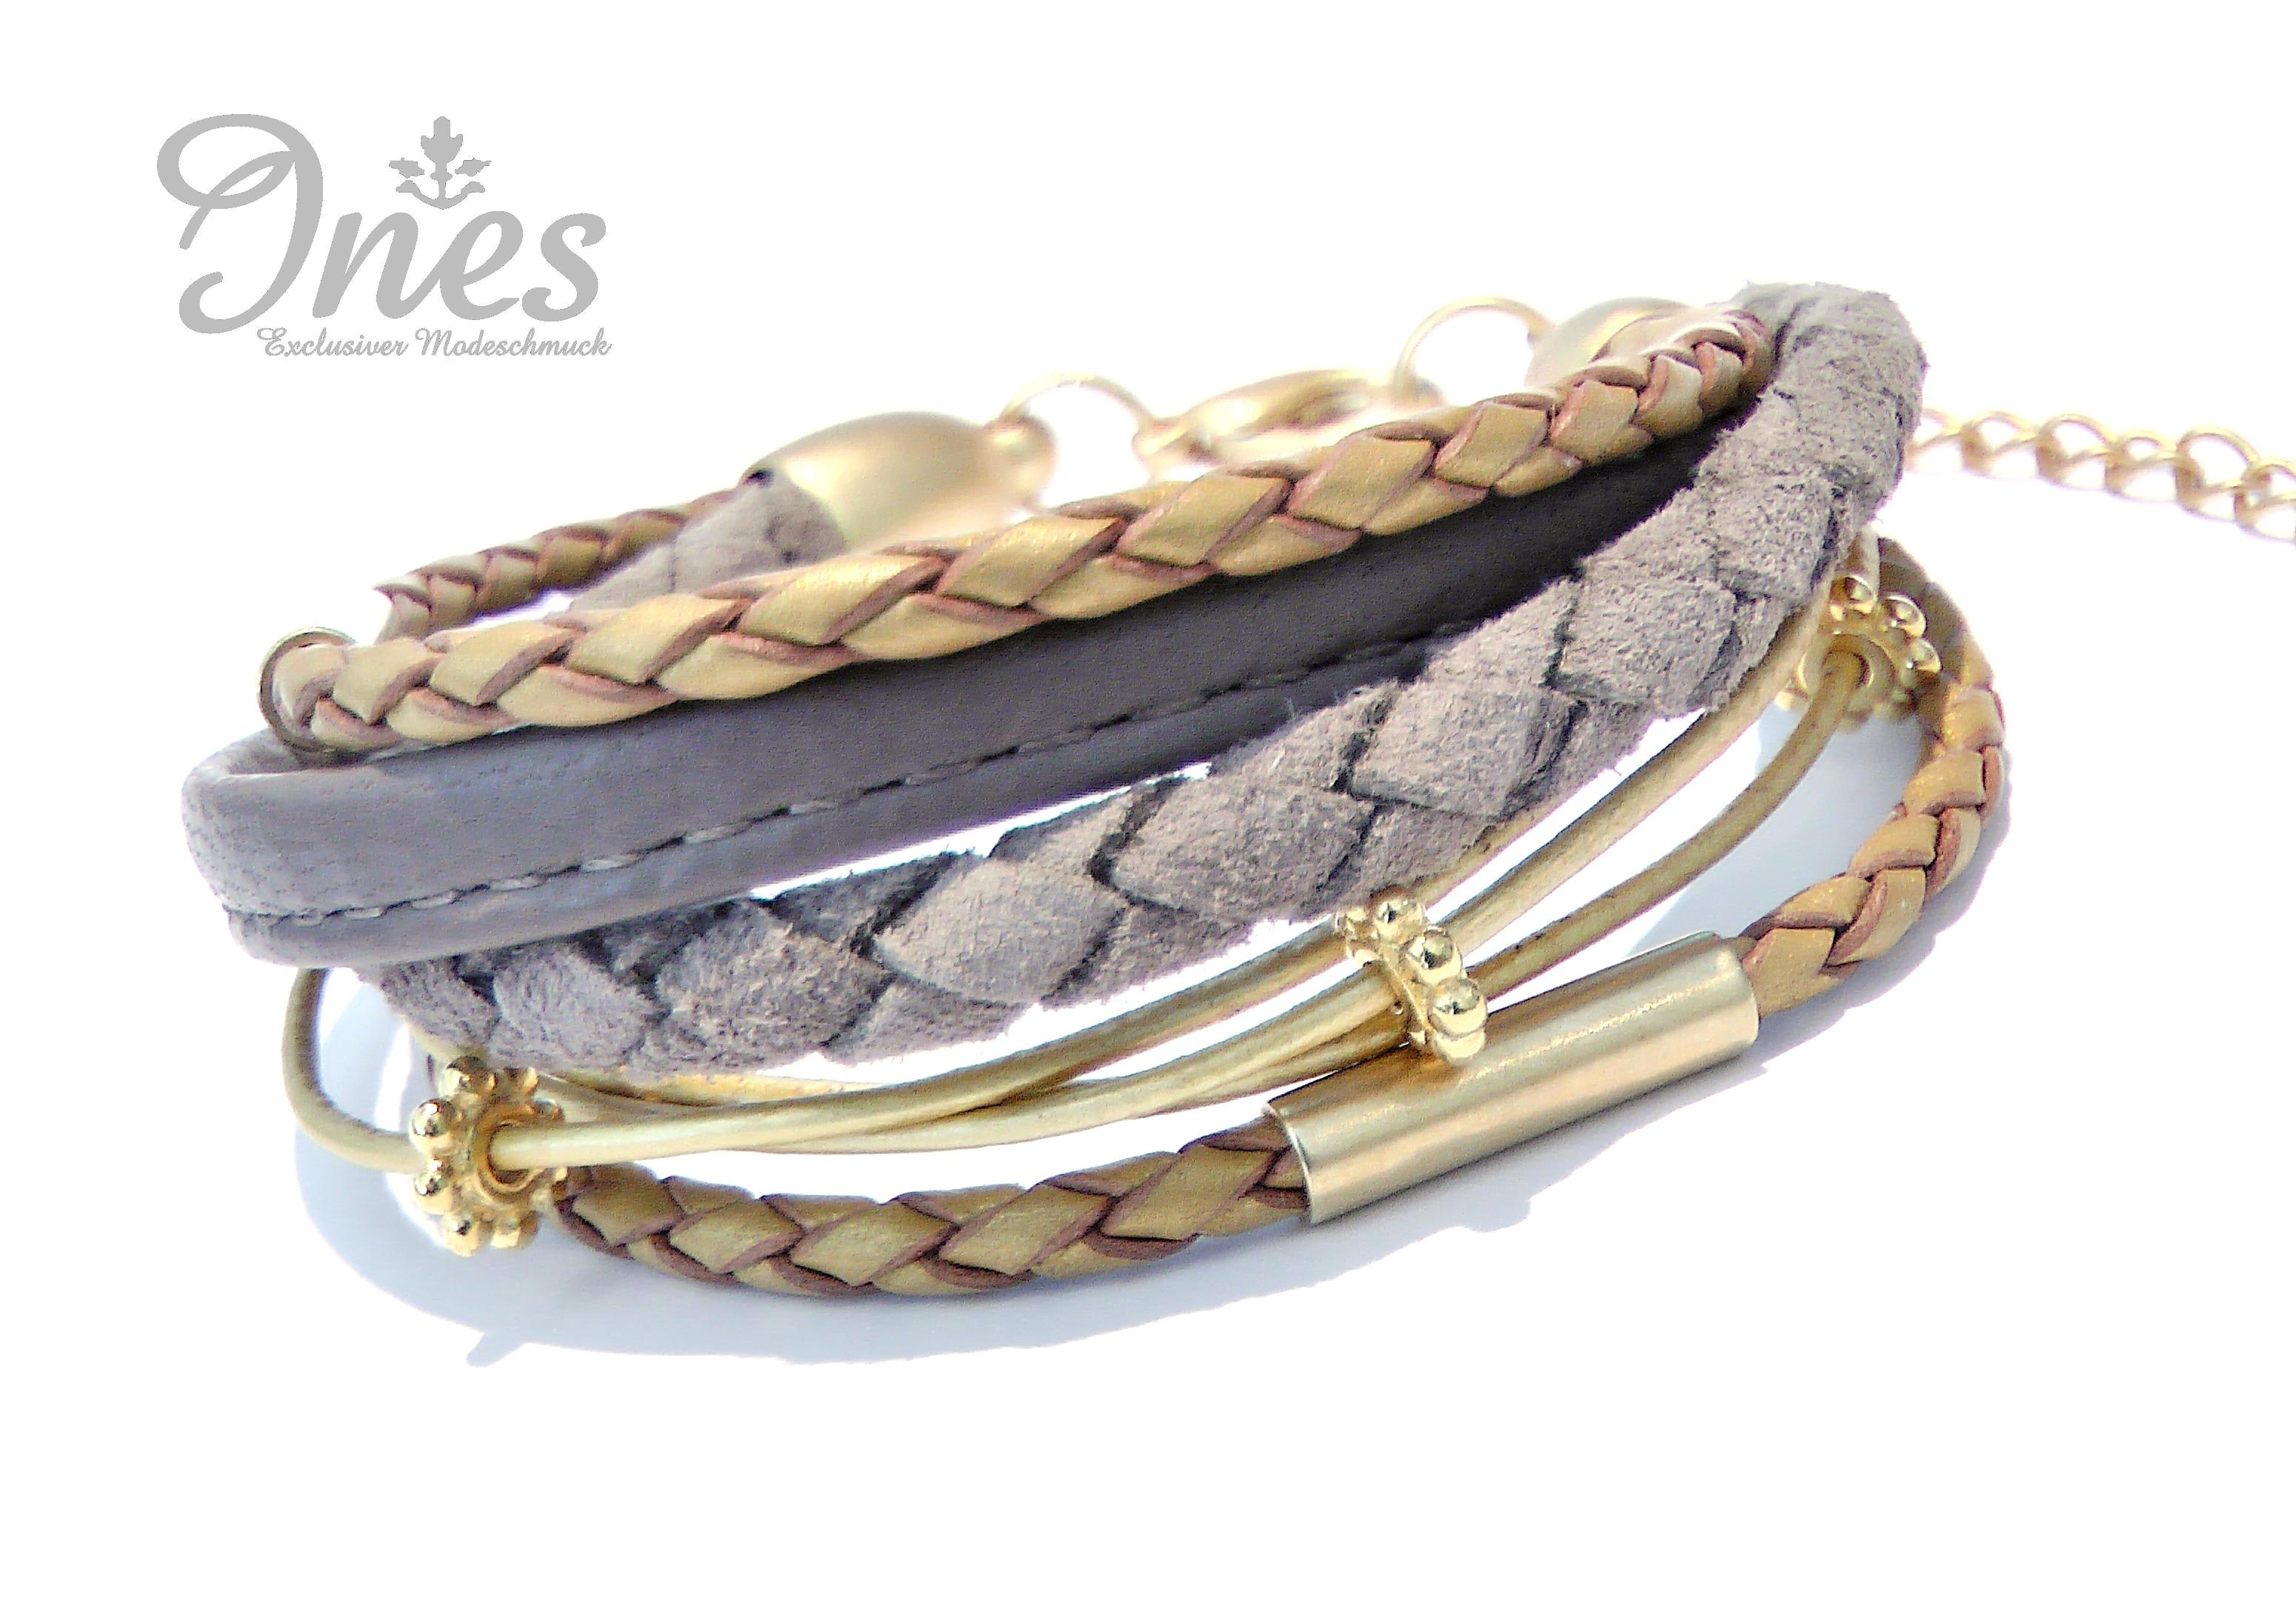 Modeschmuck armband gold  INES Exclusiver Modeschmuck | handgefertigte Schmuckstücke